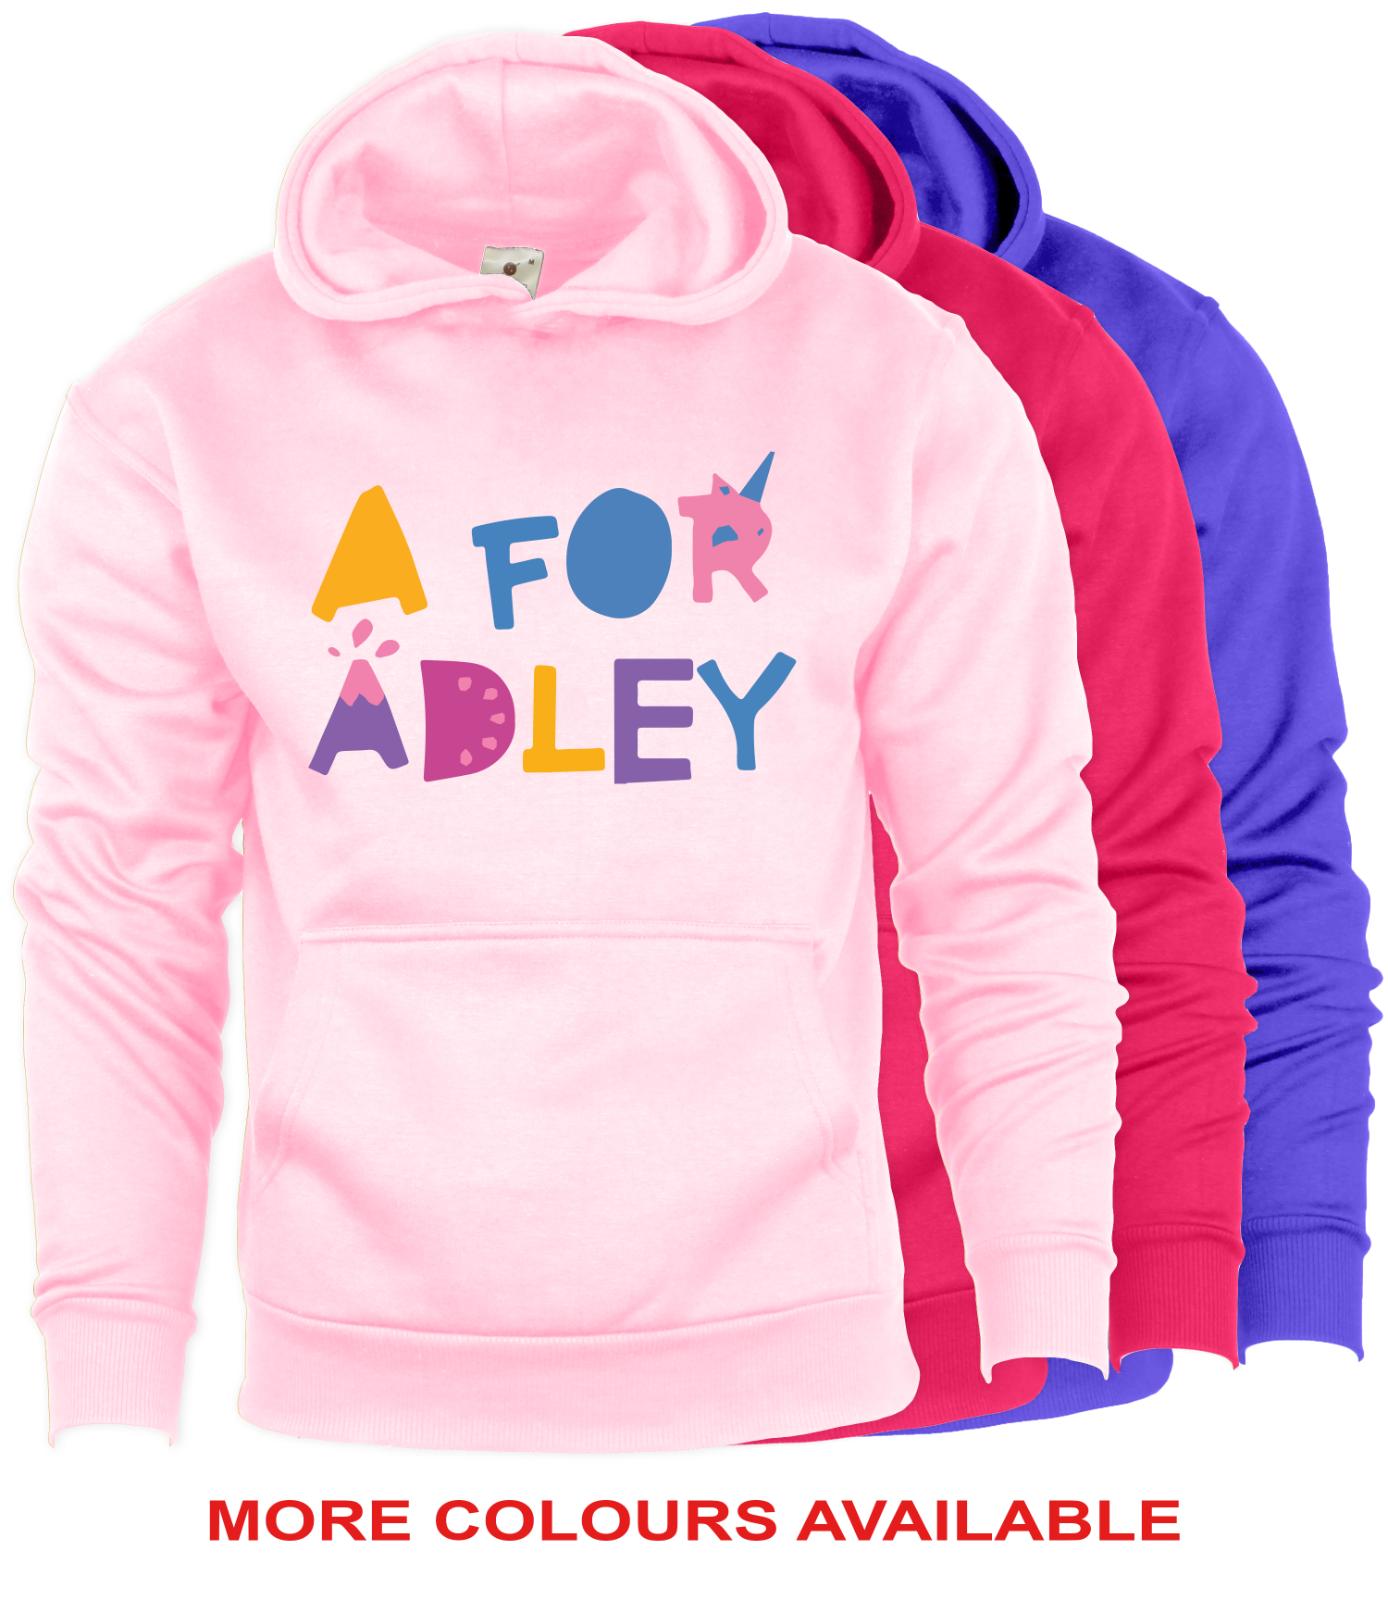 A for Adley Kids Girls Hoodie/Hoody Hooded Sweatshirt Fun Youtuber Gamer Gifts